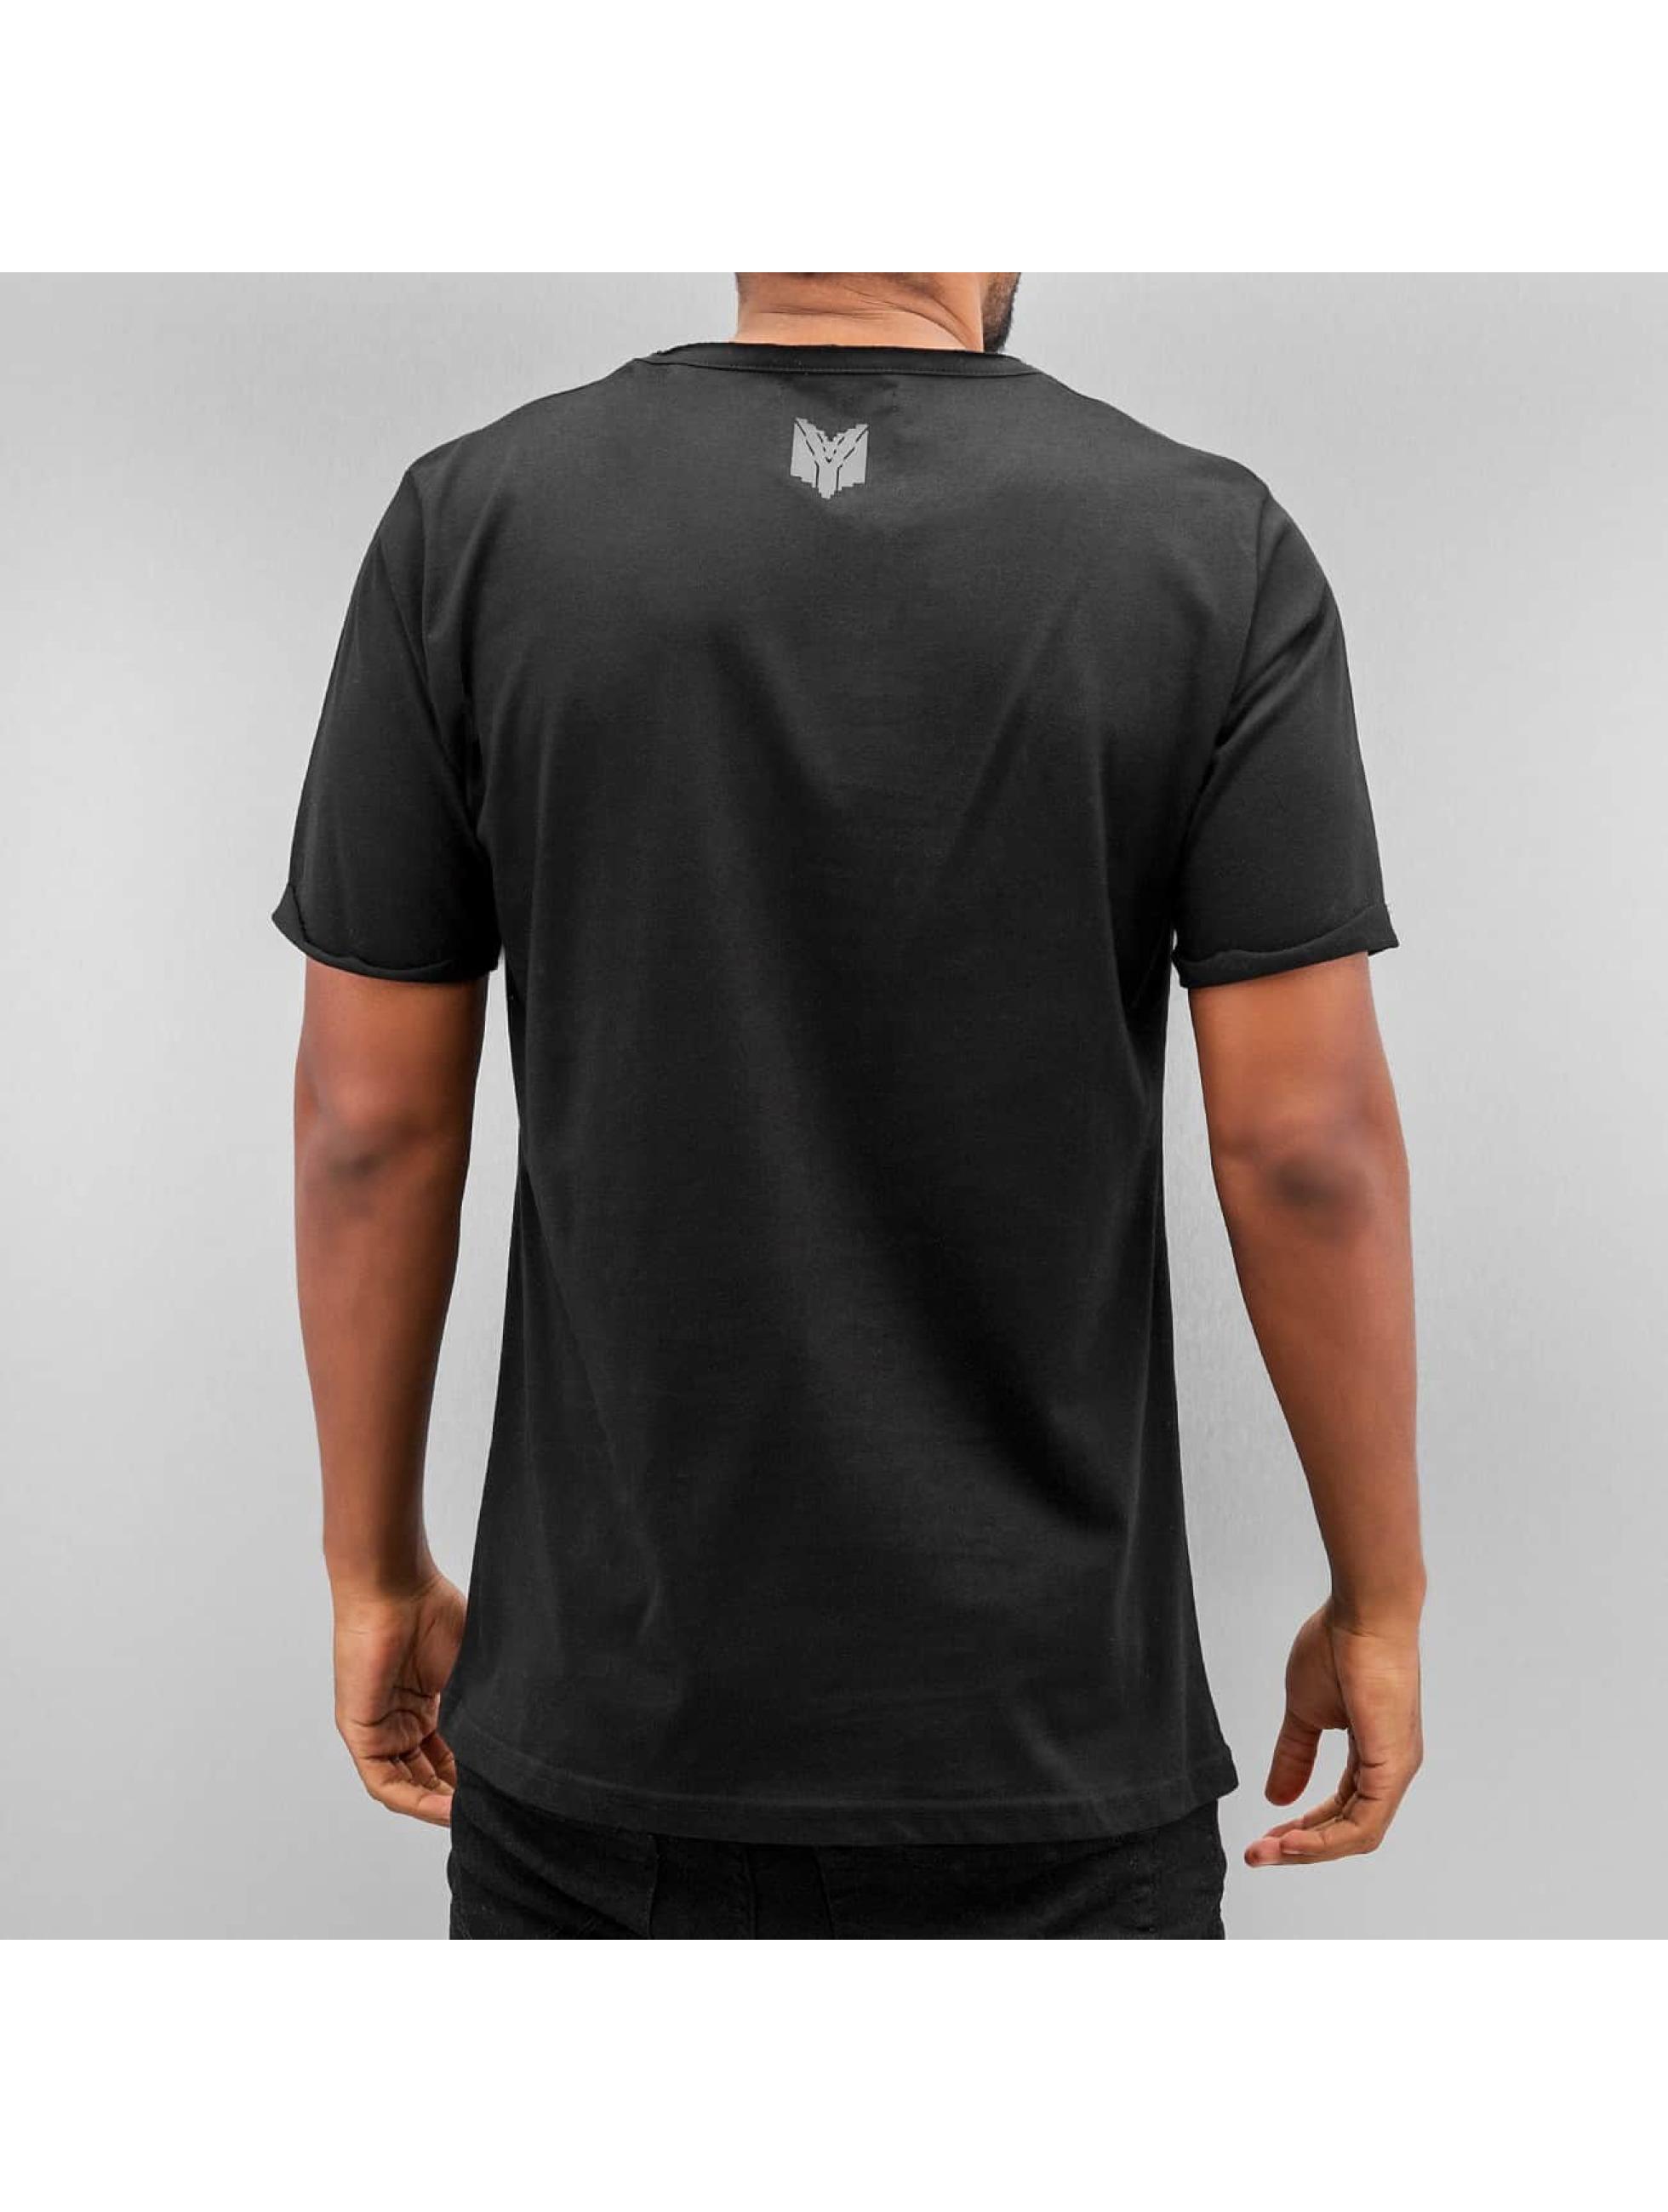 Yezz T-Shirt Blank schwarz